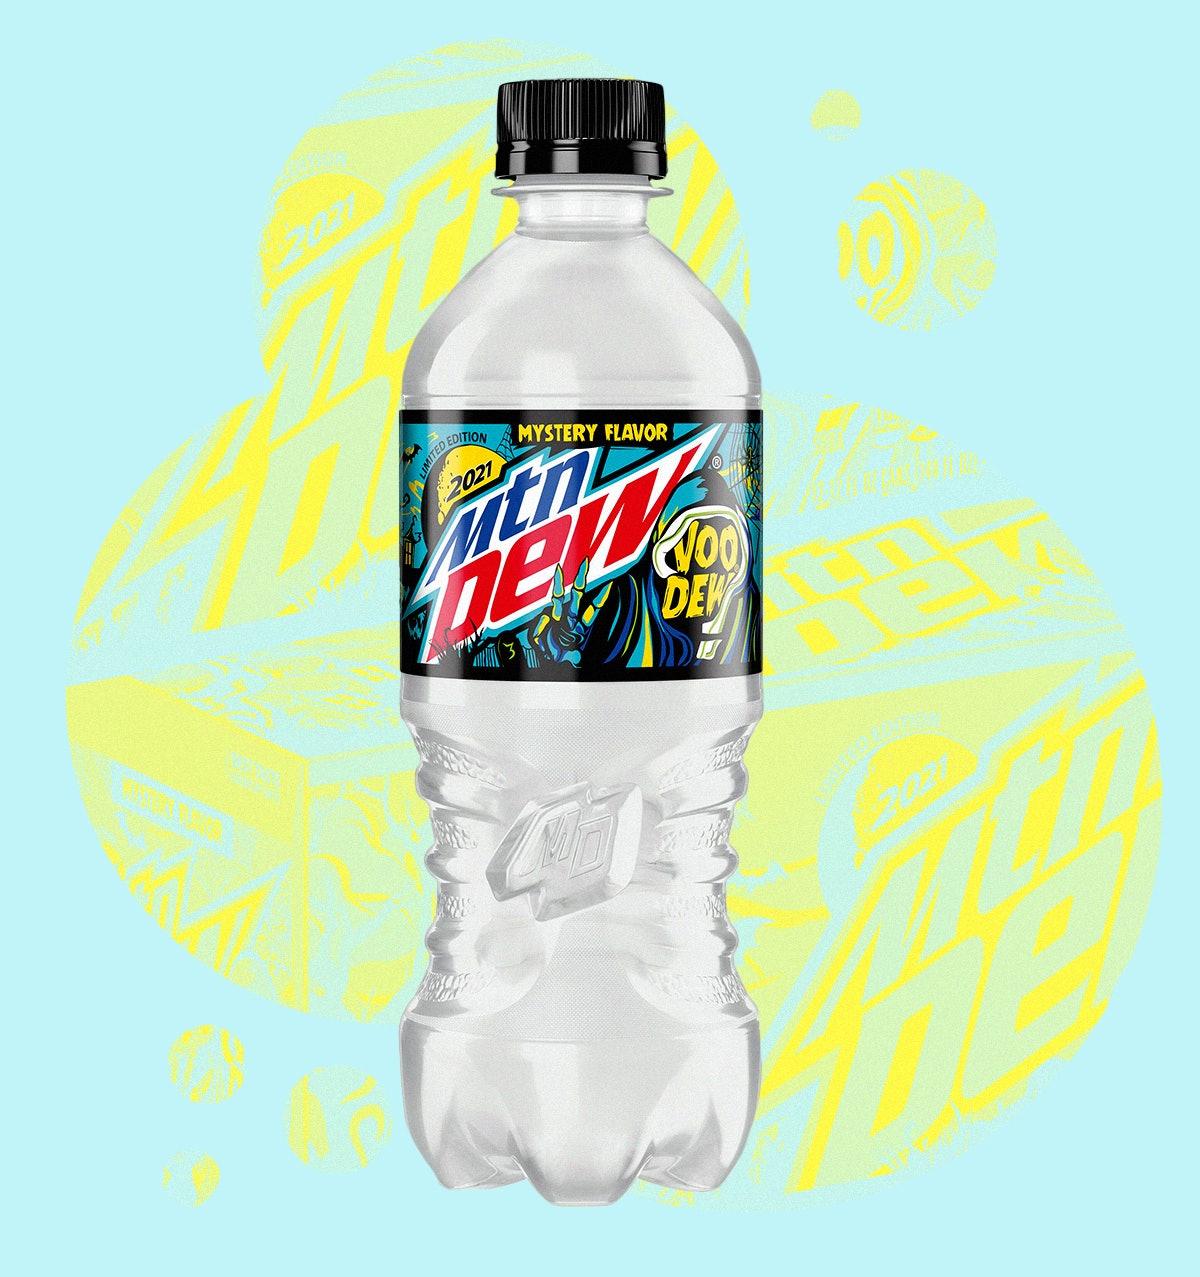 Mountain Dew's 2021 Voo-Dew mystery Halloween flavor.